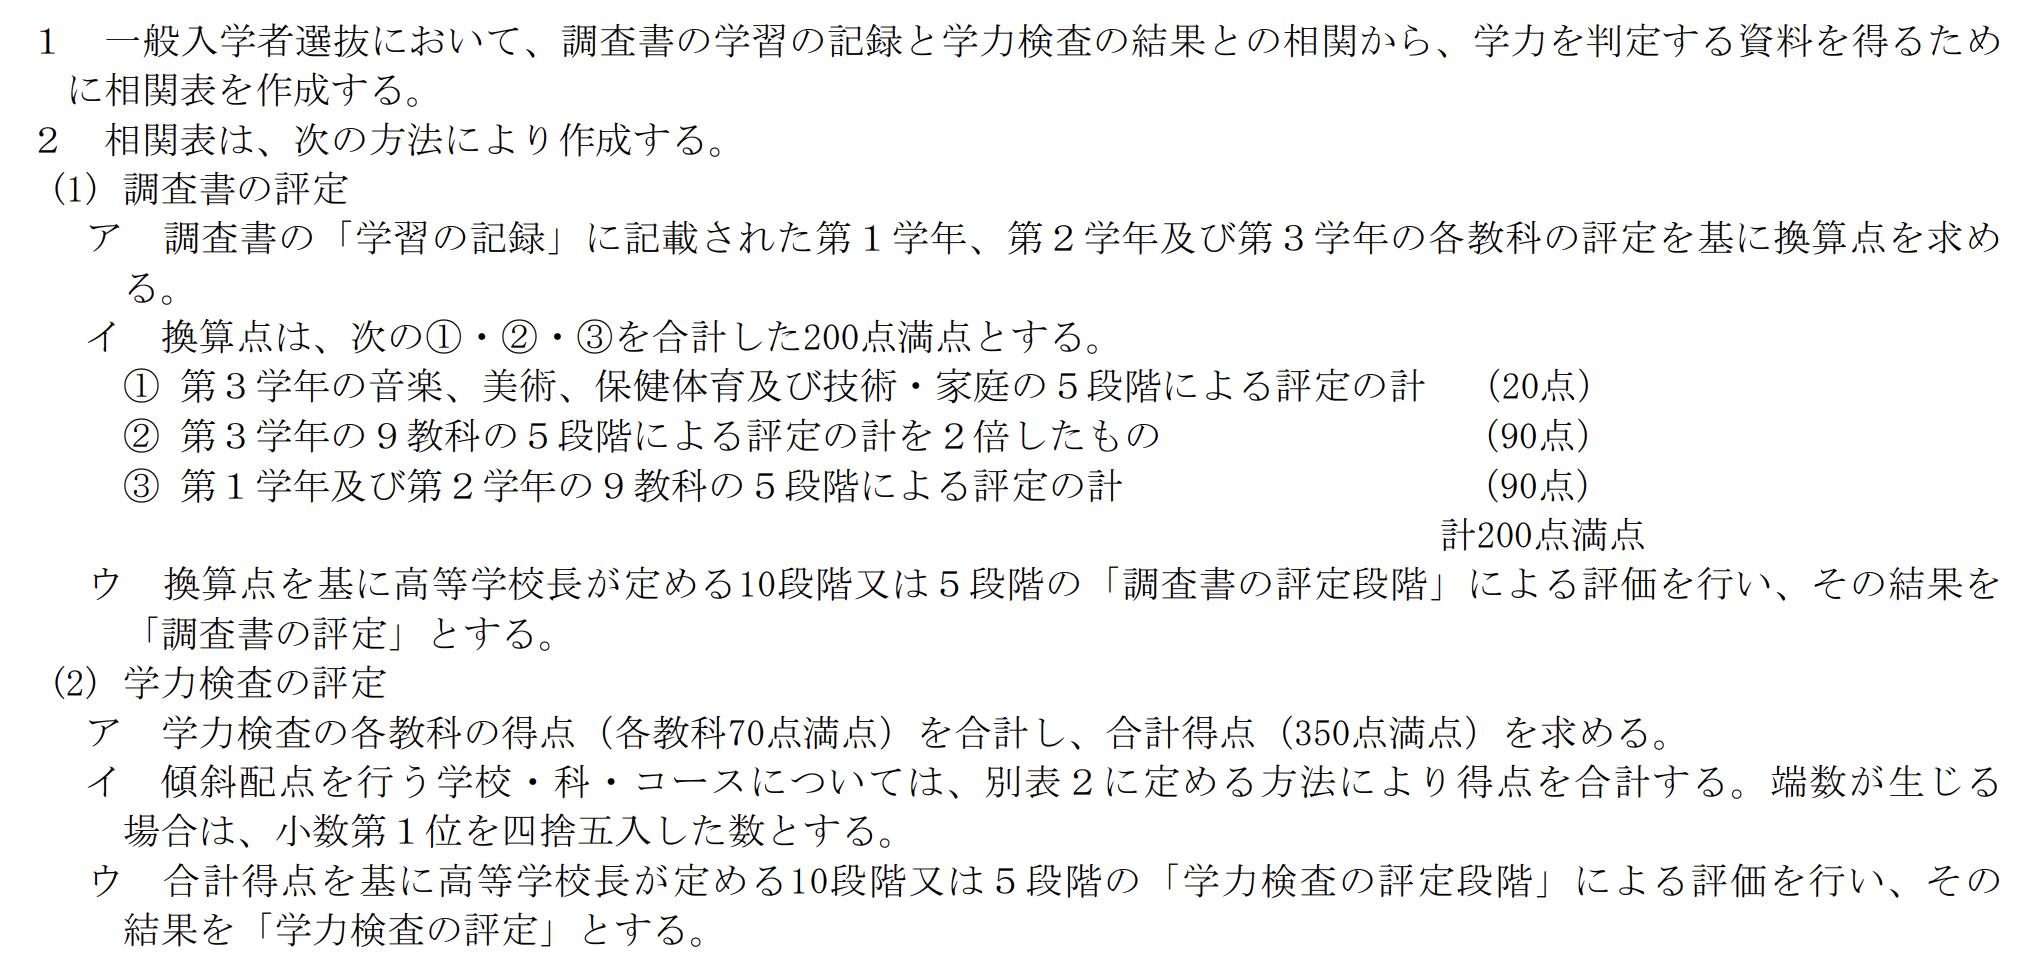 岡山県公立高校入試制度1